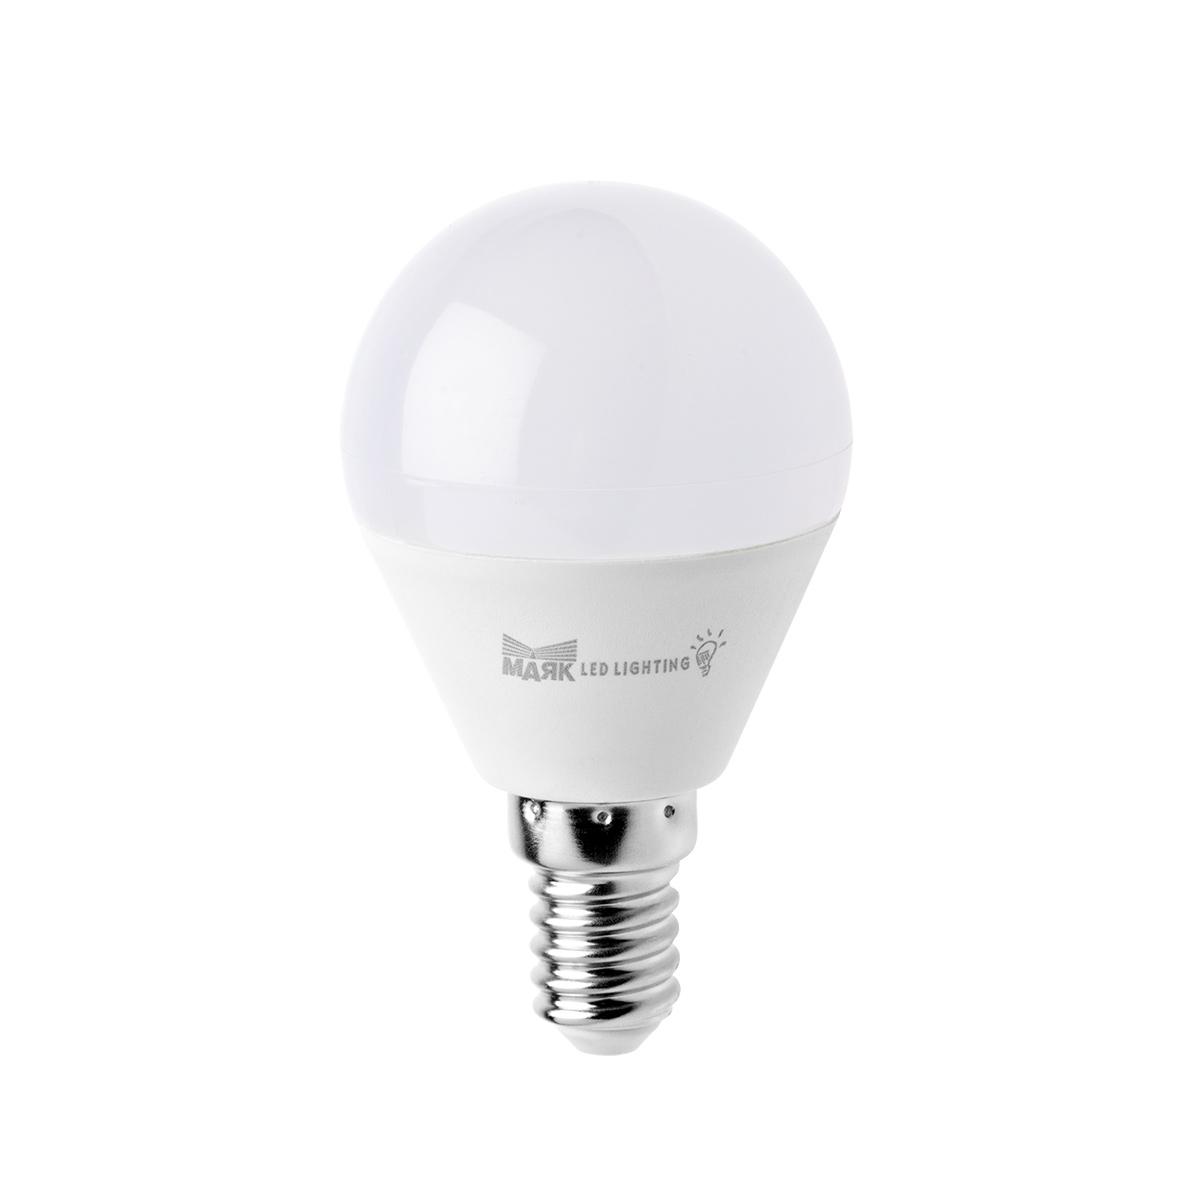 Лампа светодиодная МАЯК B45/e14/6w/3000k лампа светодиодная филаментная classic f e14 6w 3300k шар золотой 4690389108303